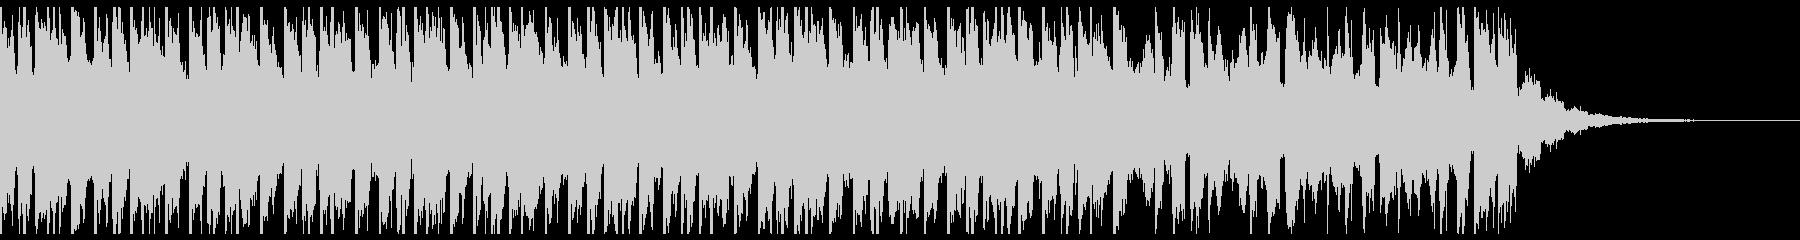 ハッピーサマー(ショート1)の未再生の波形